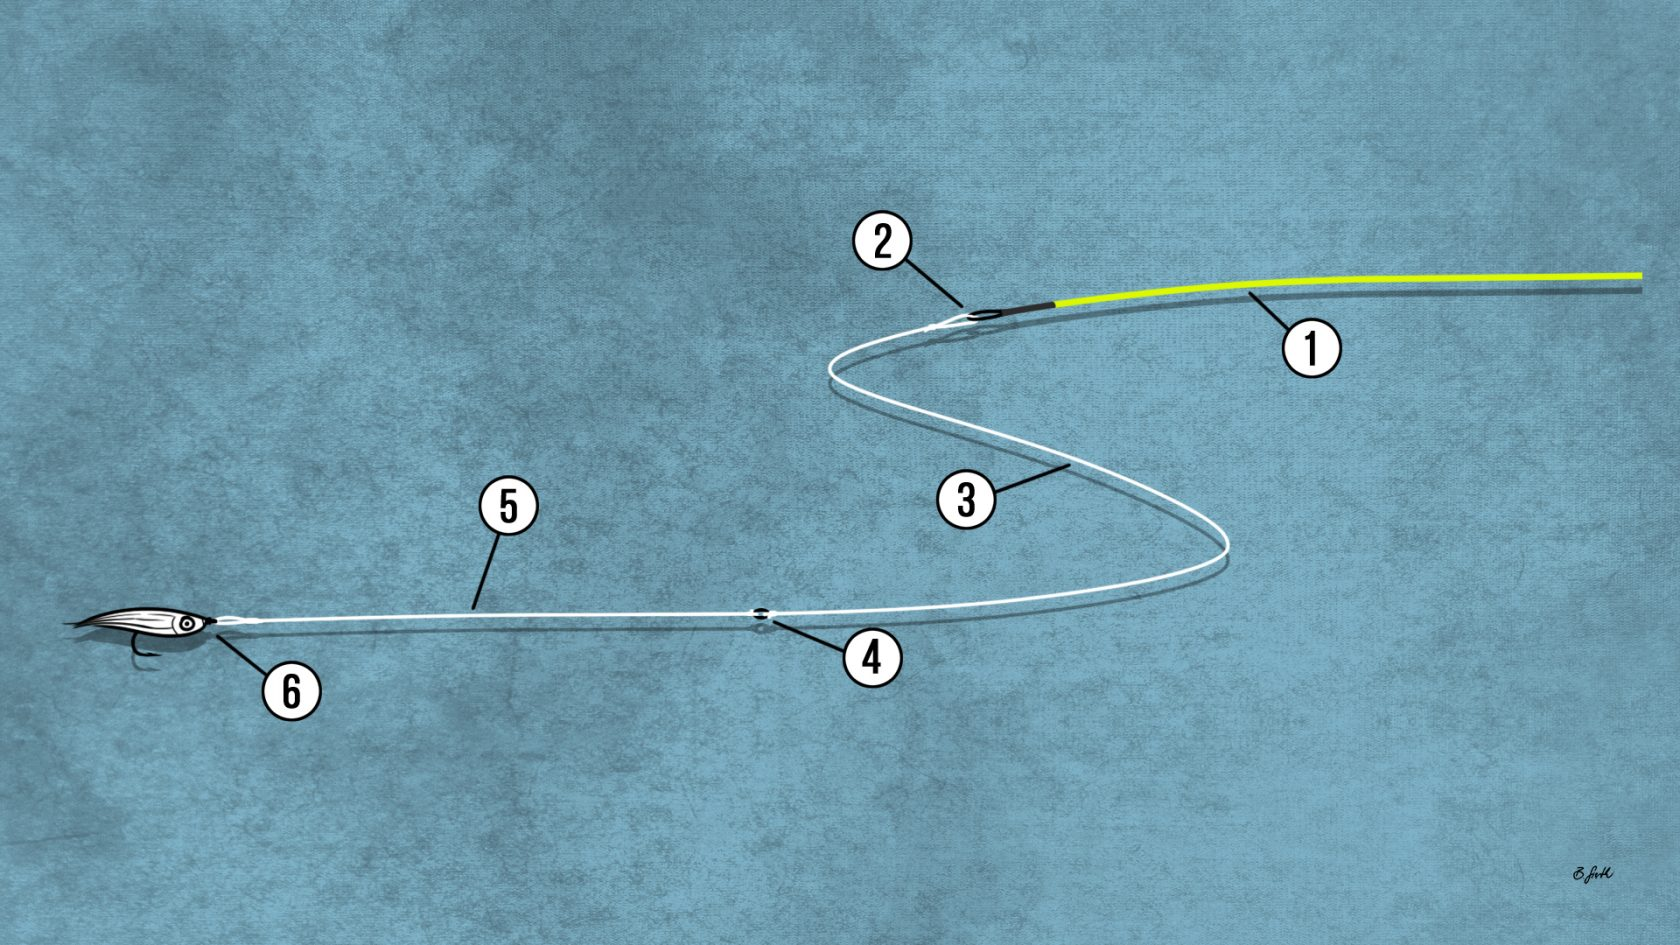 Vorfach-Montage zum Streamerfischen mit Schwimmschnur